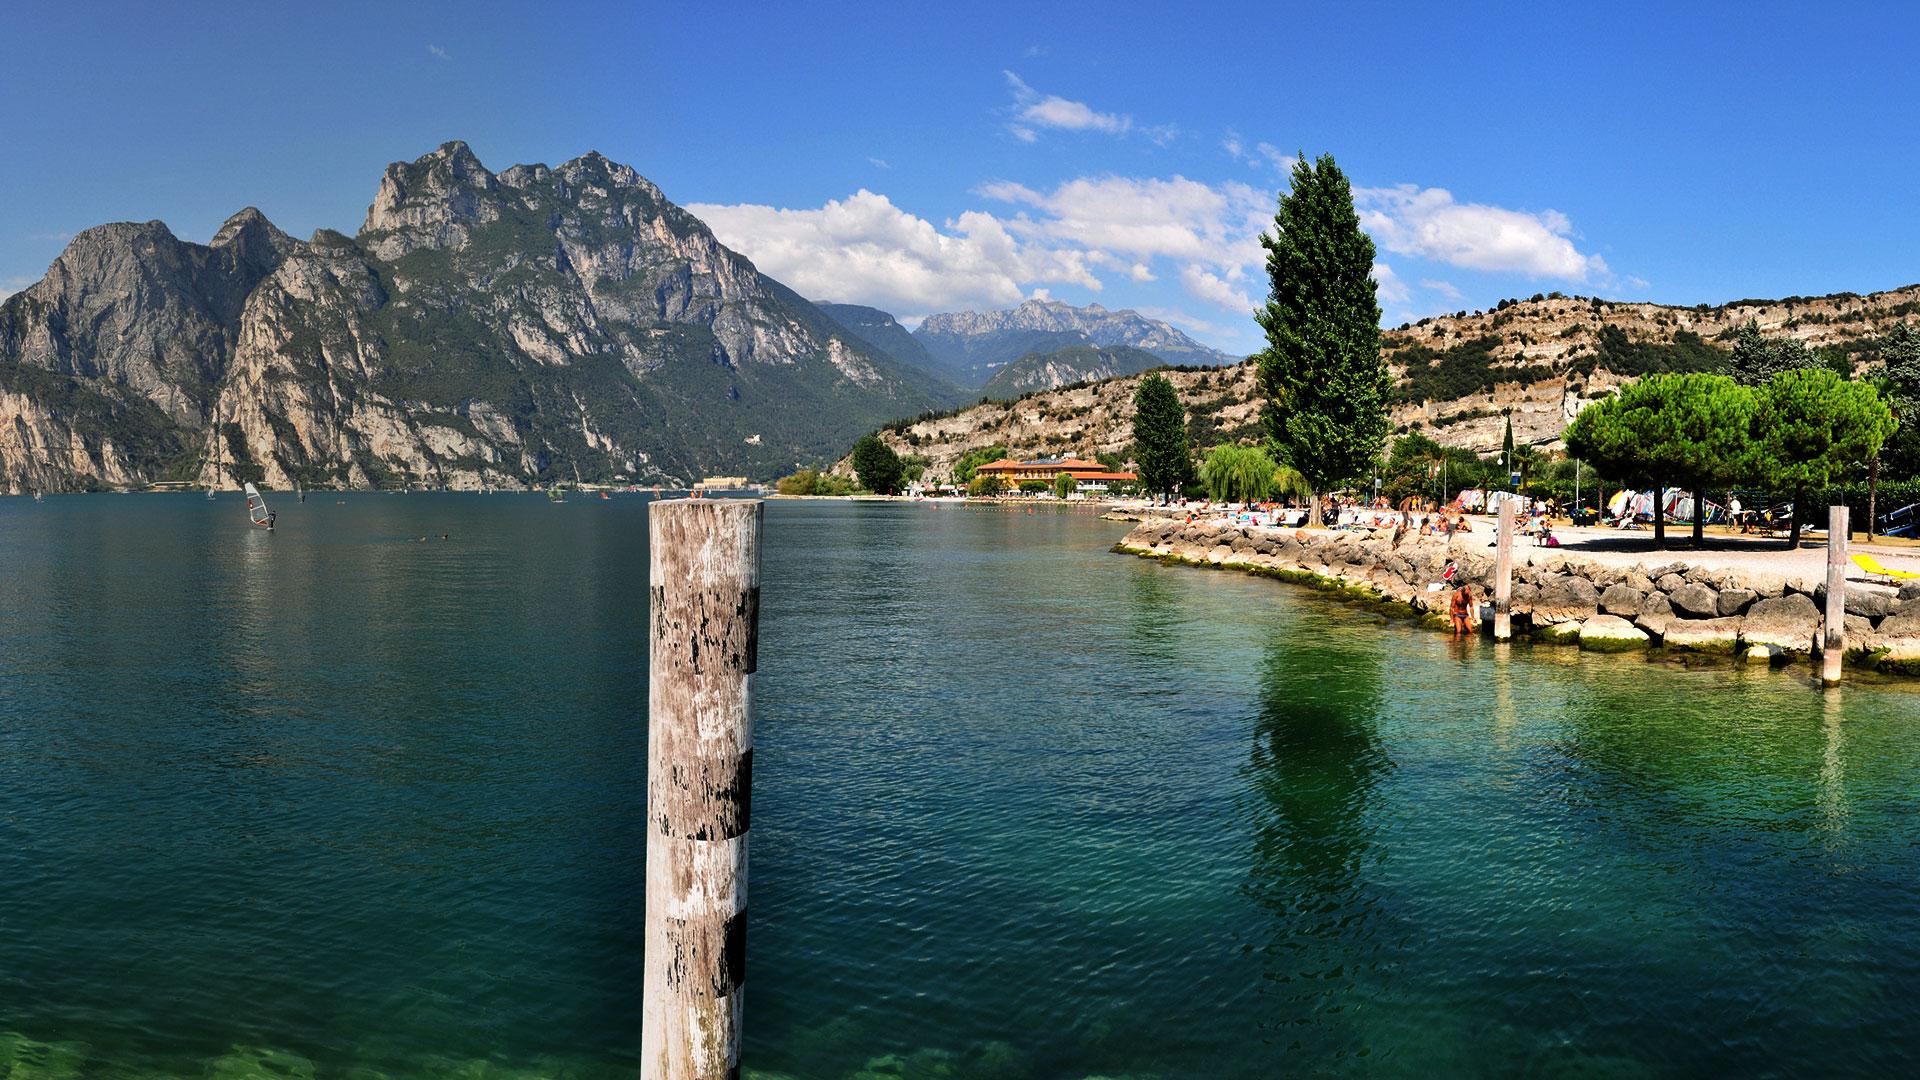 Ambienti Riva Del Garda hotel garnì francesco | nago-torbole, a 1,5km dal lago di garda